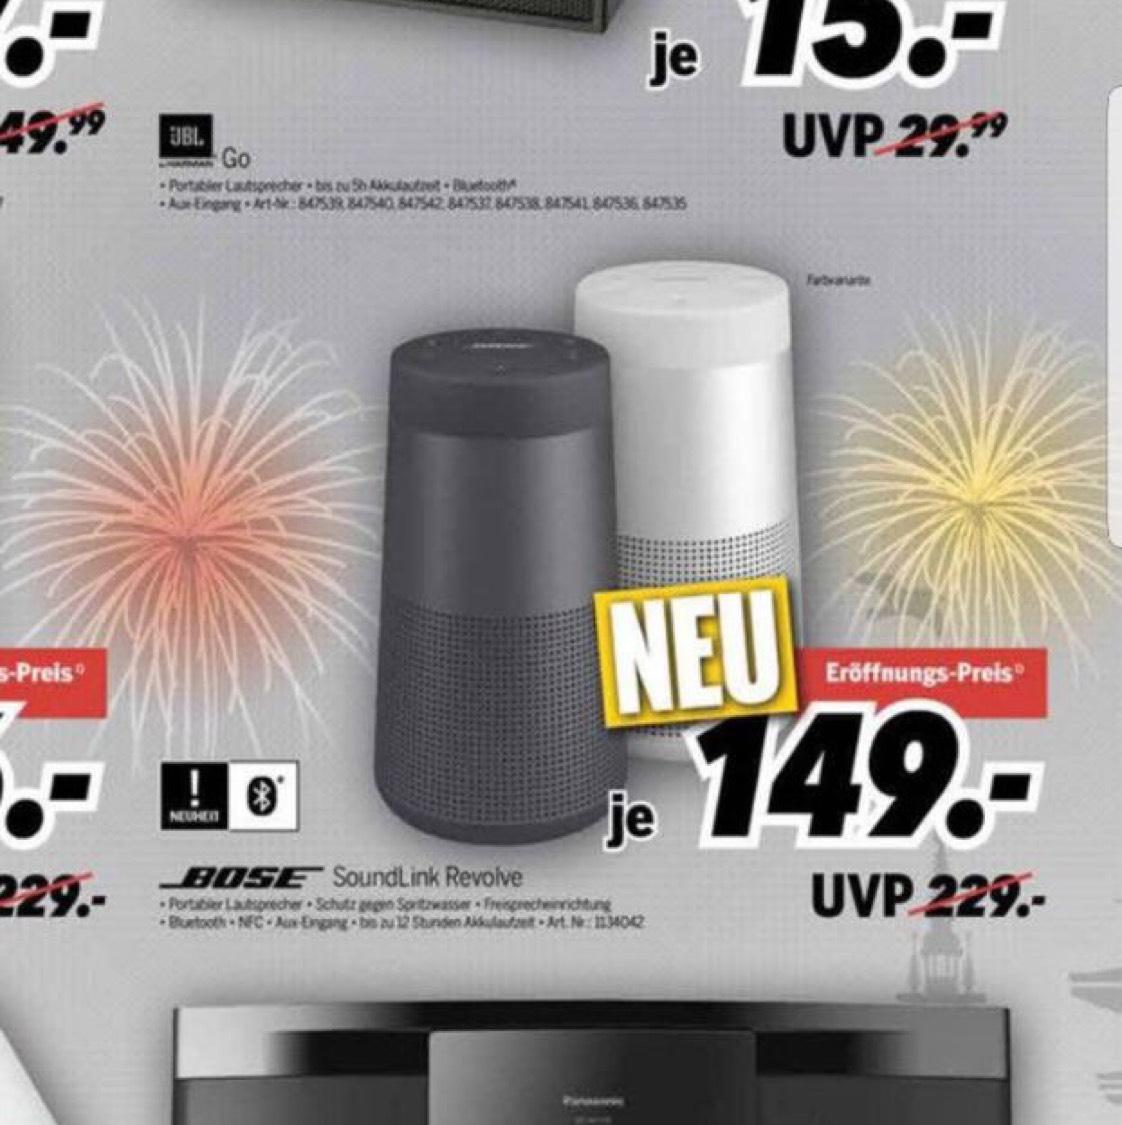 [Lokal] Medimax Hamburg & Schenefeld - Bose Soundlink Revolve Bluetooth Lautsprecher